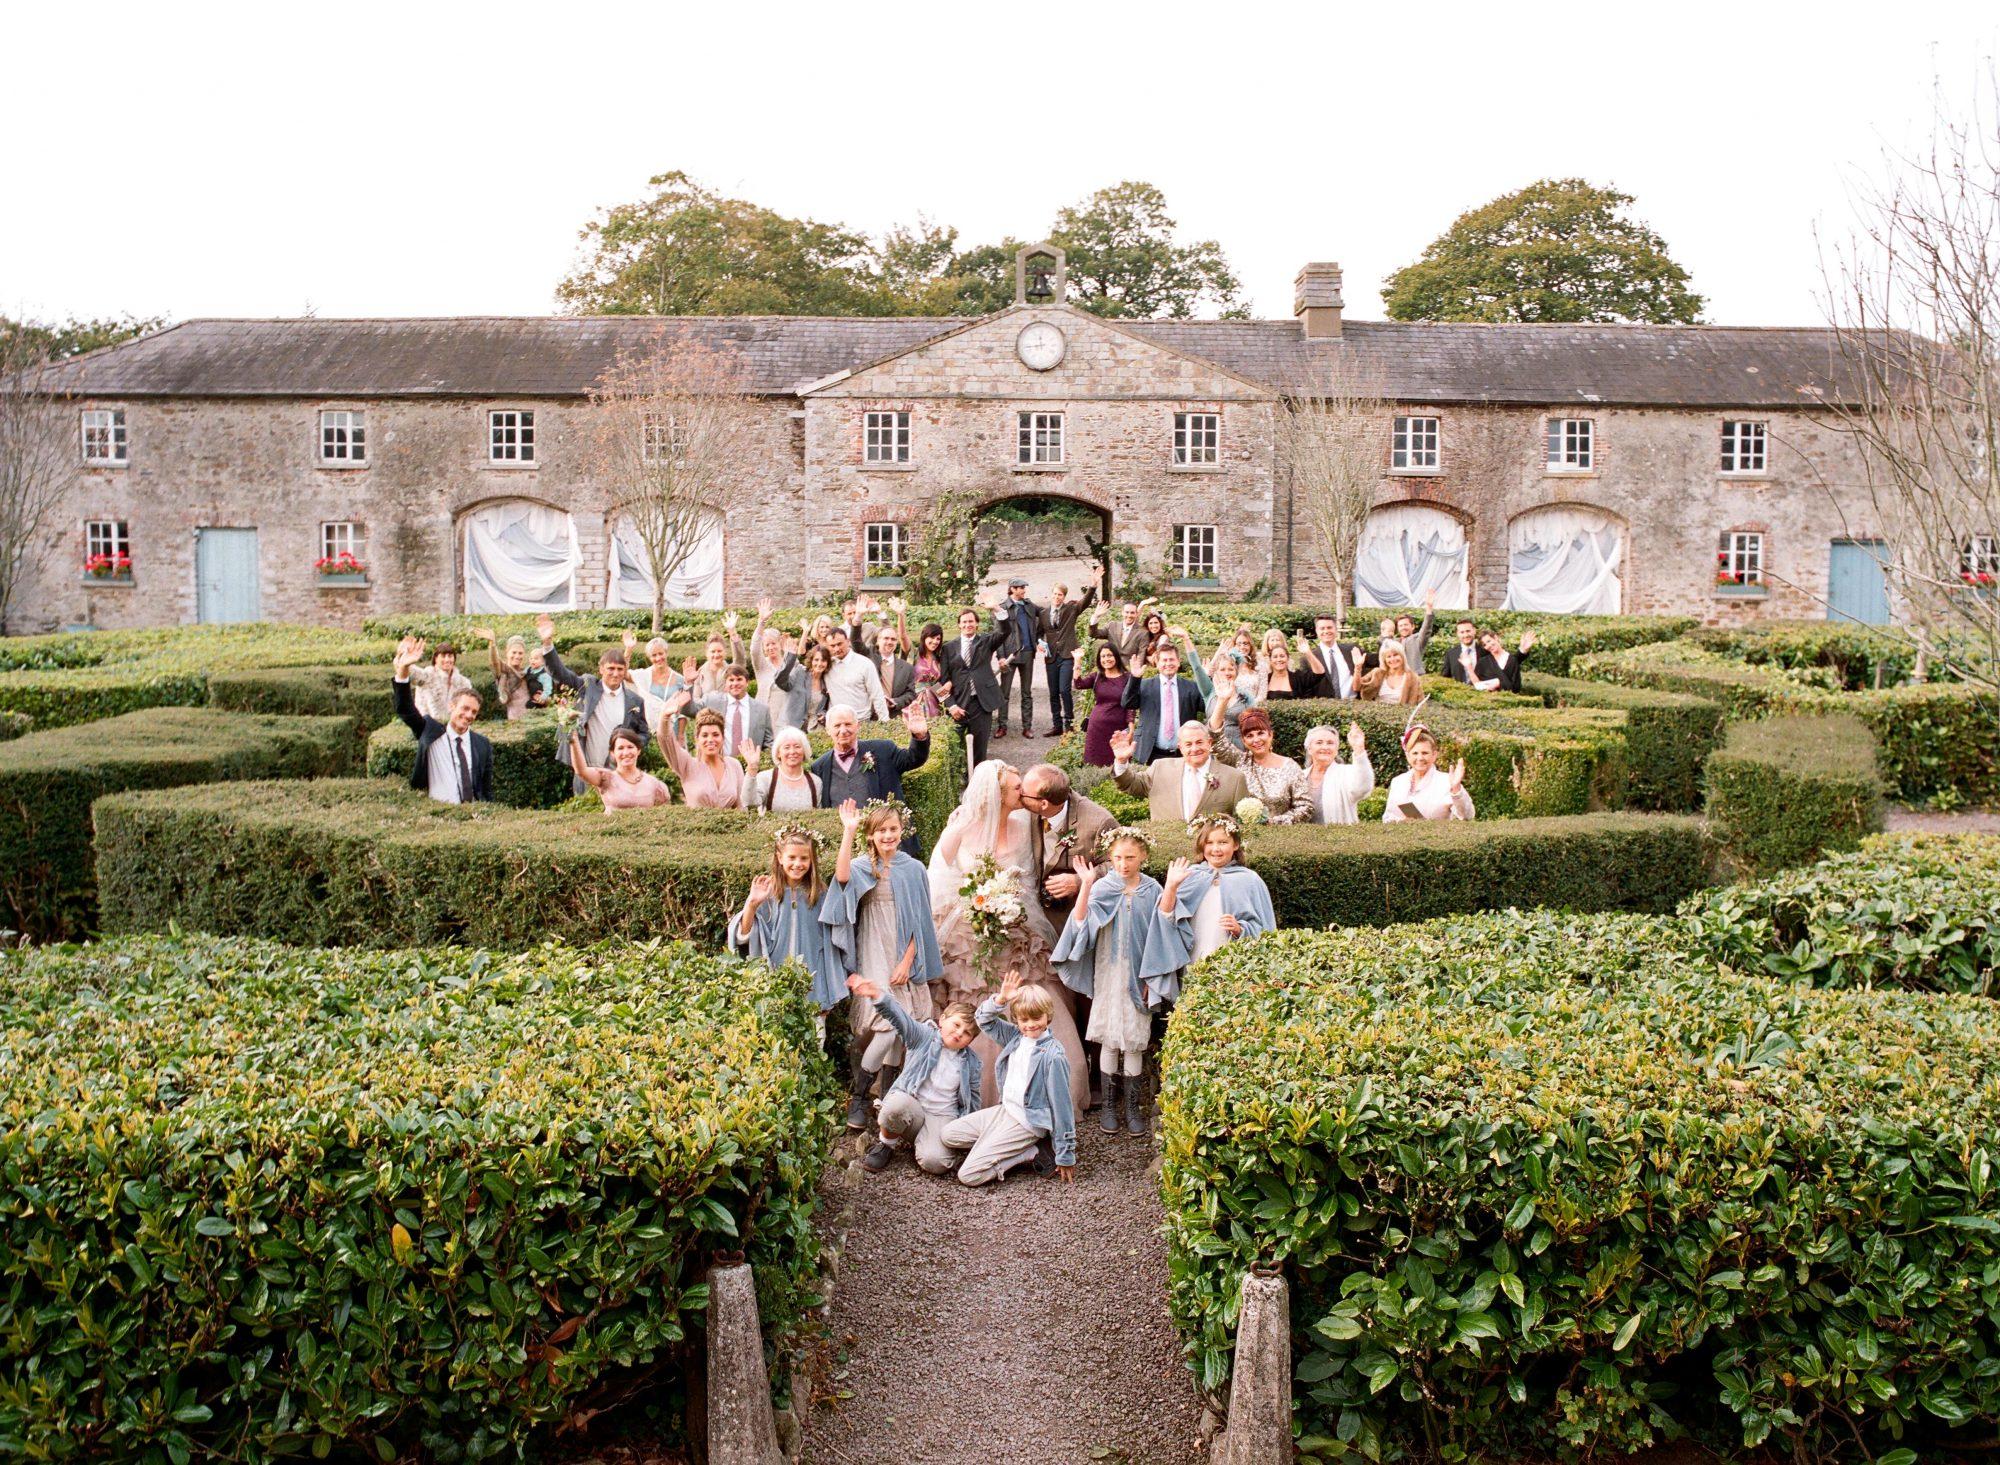 Family photo outside wedding venue